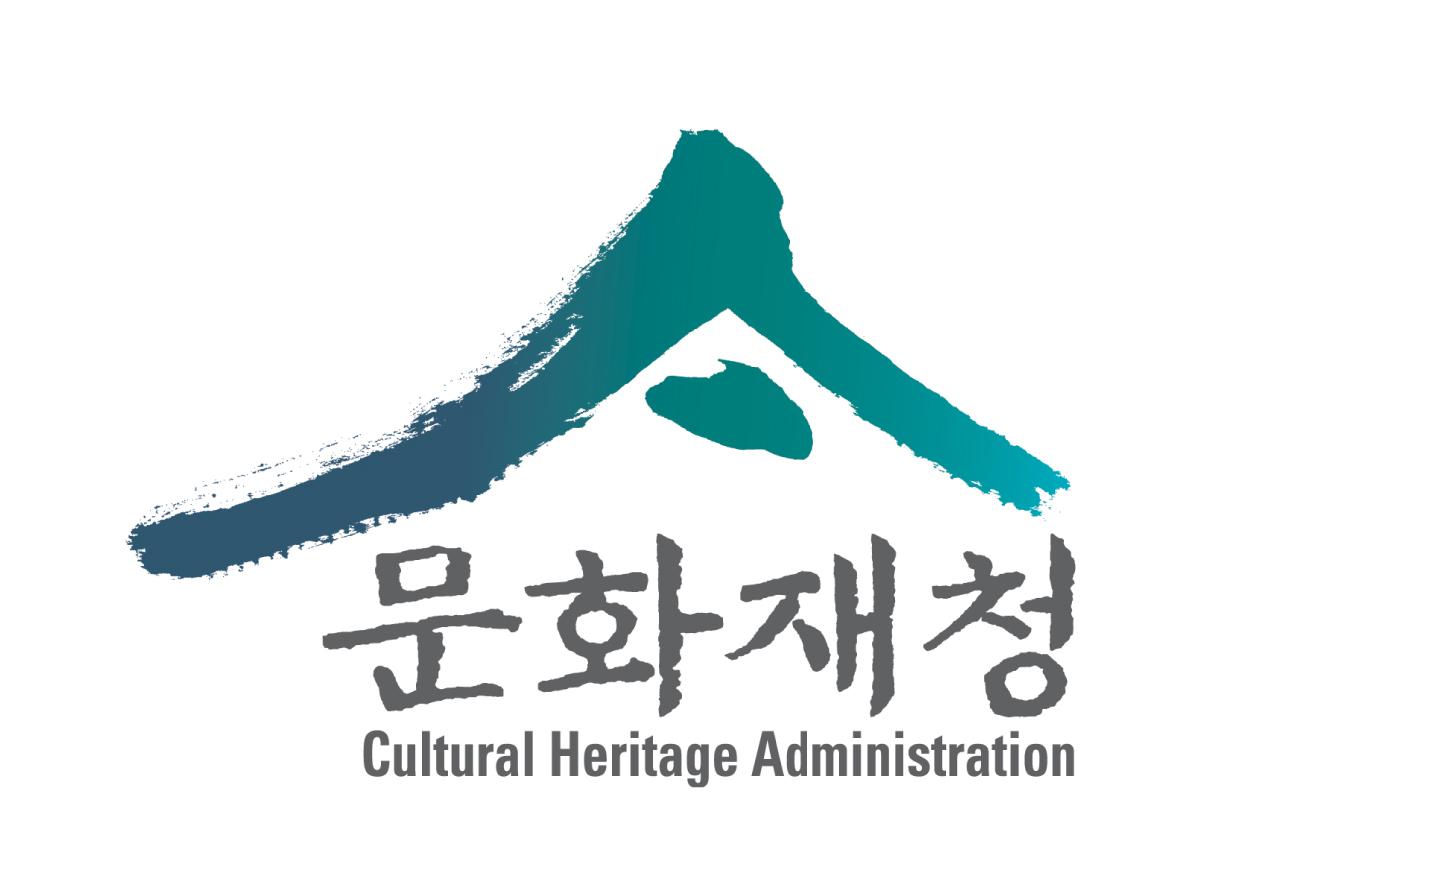 제2회 궁중문화축전 유료프로그램 4종 온라인 예매 20일 시작